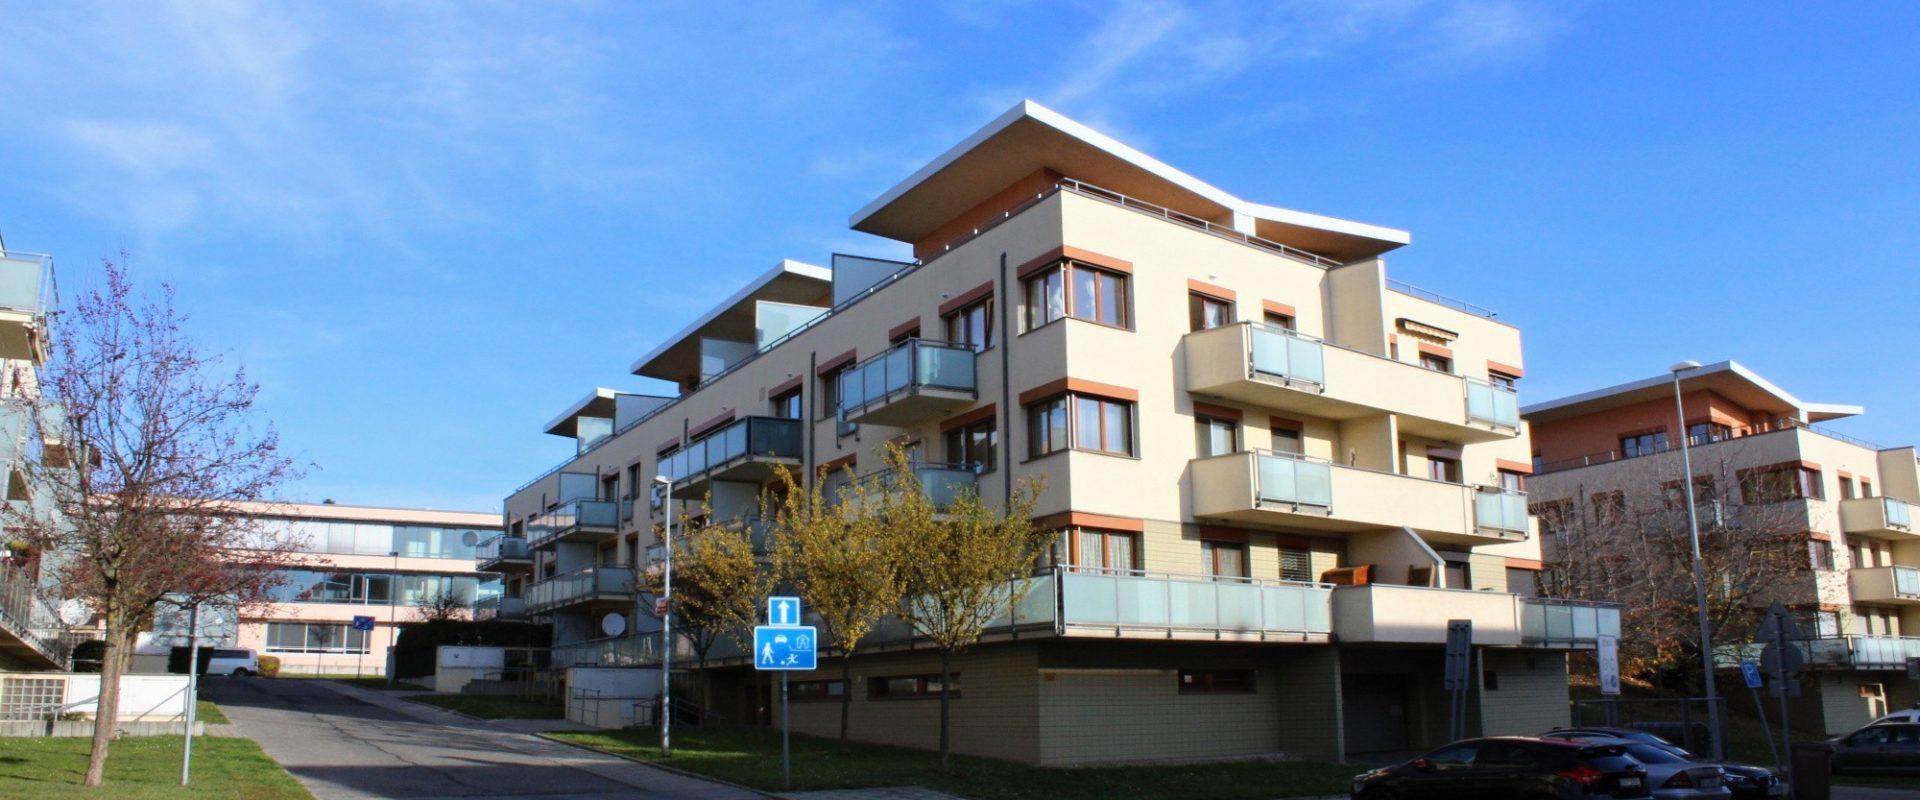 Prodej bytu 2+kk/balkon 82 m², OV.